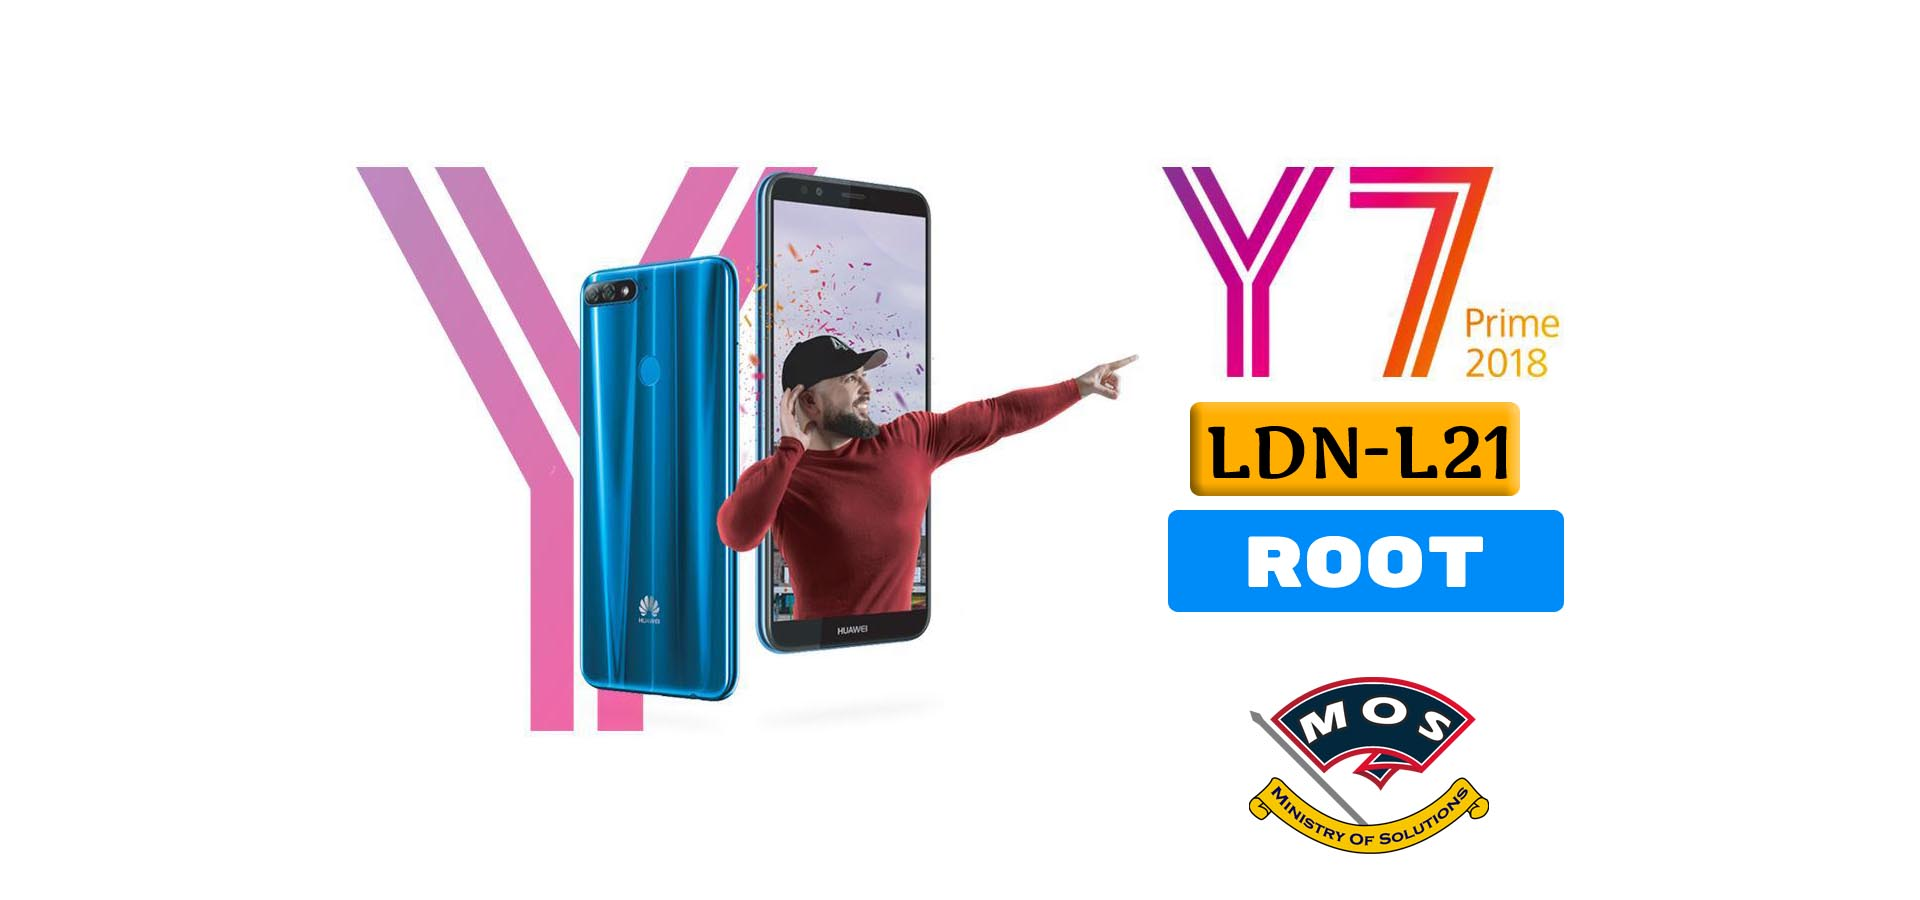 Huawei Y7 Prime 2018 LDN-L21 Rooting Tutorial - Ministry Of